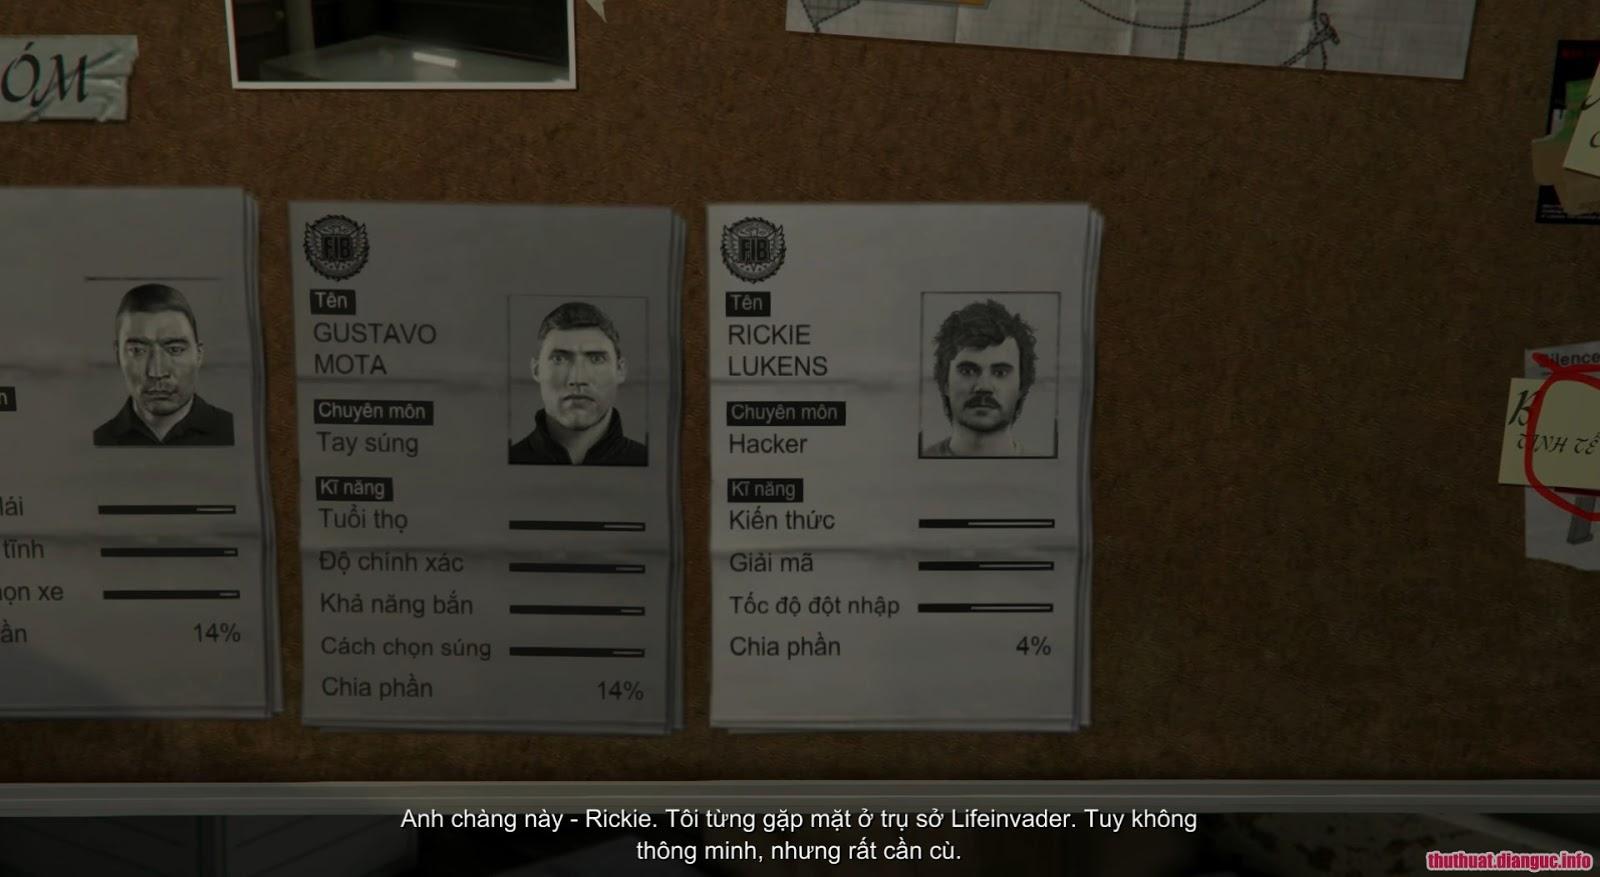 GTA 5 phiên bản tiếng việt, patch tiếng việt cho GTA V